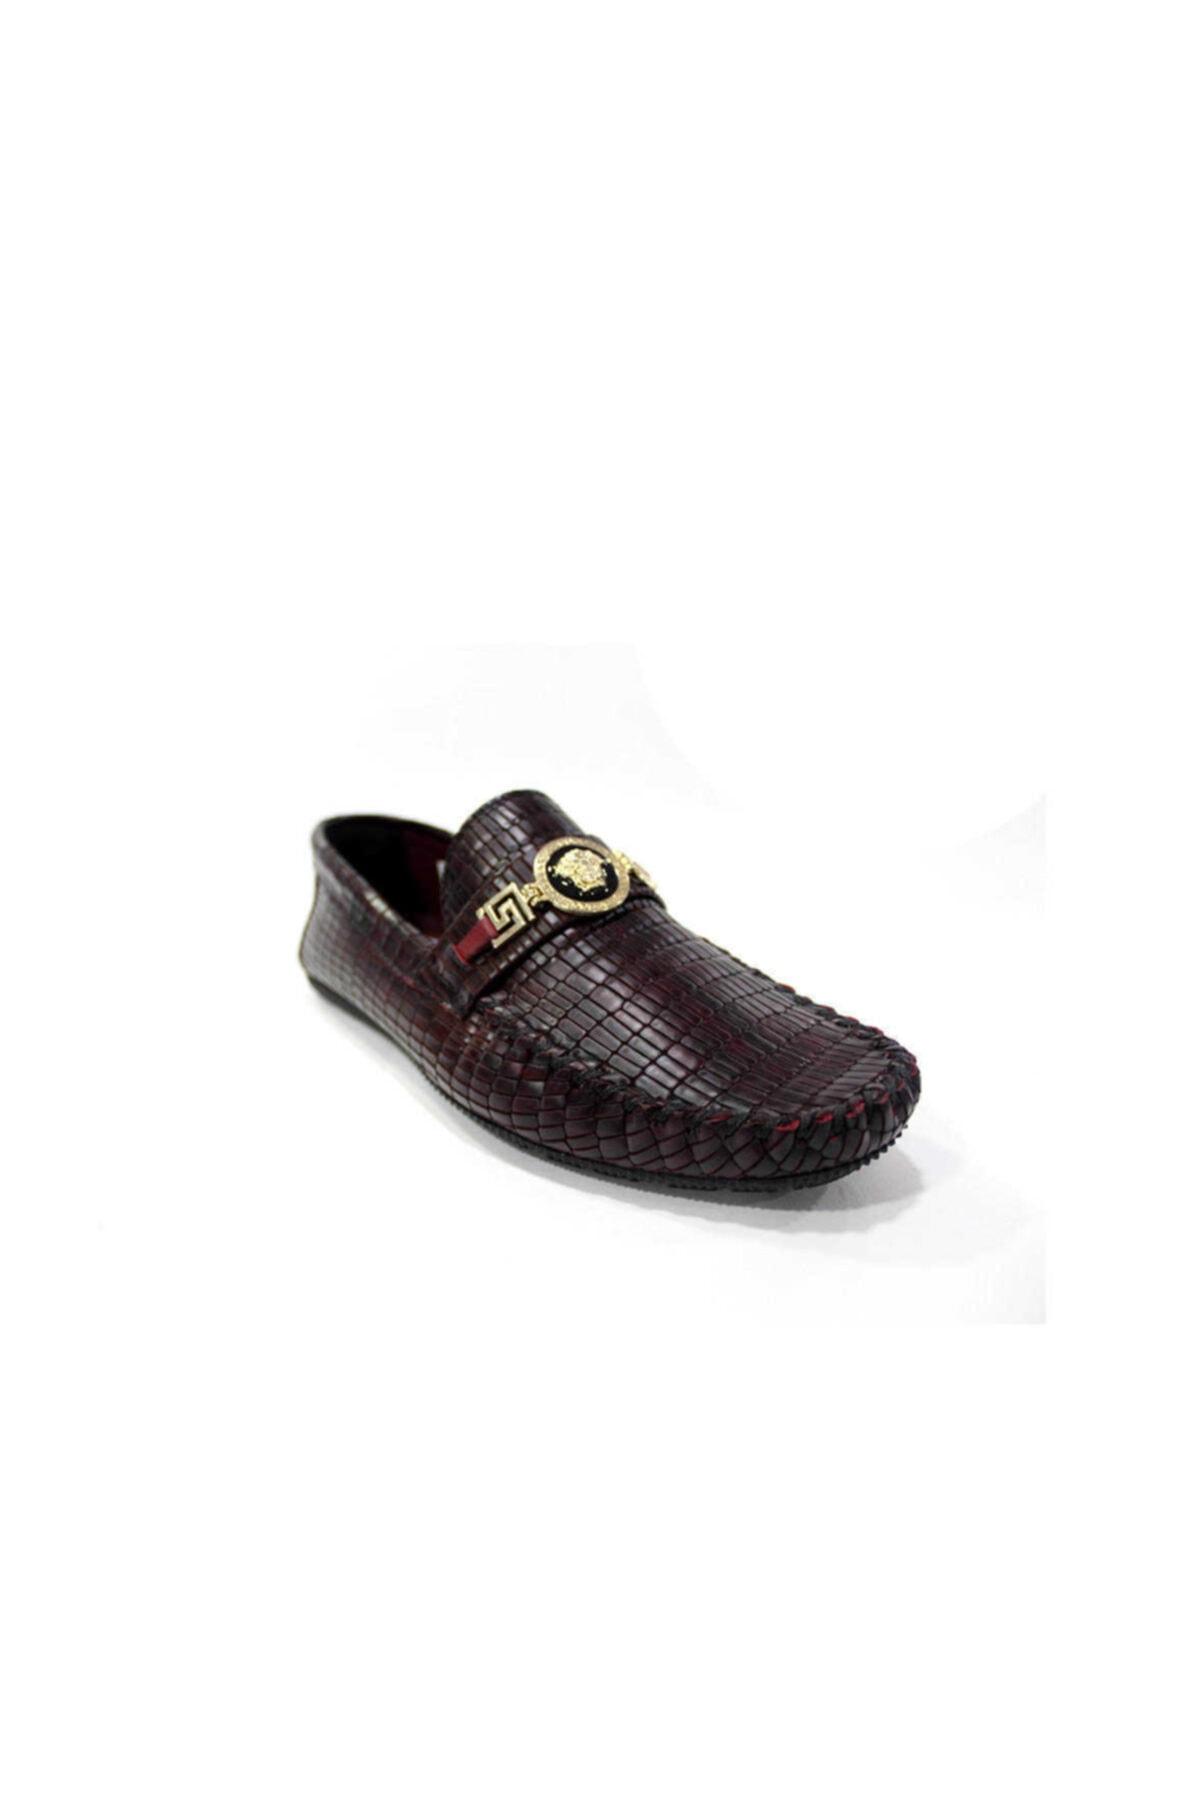 TETRİ Hakiki Deri Erkek Günlük Ayakkabı-bordo Kroko Rox8 2